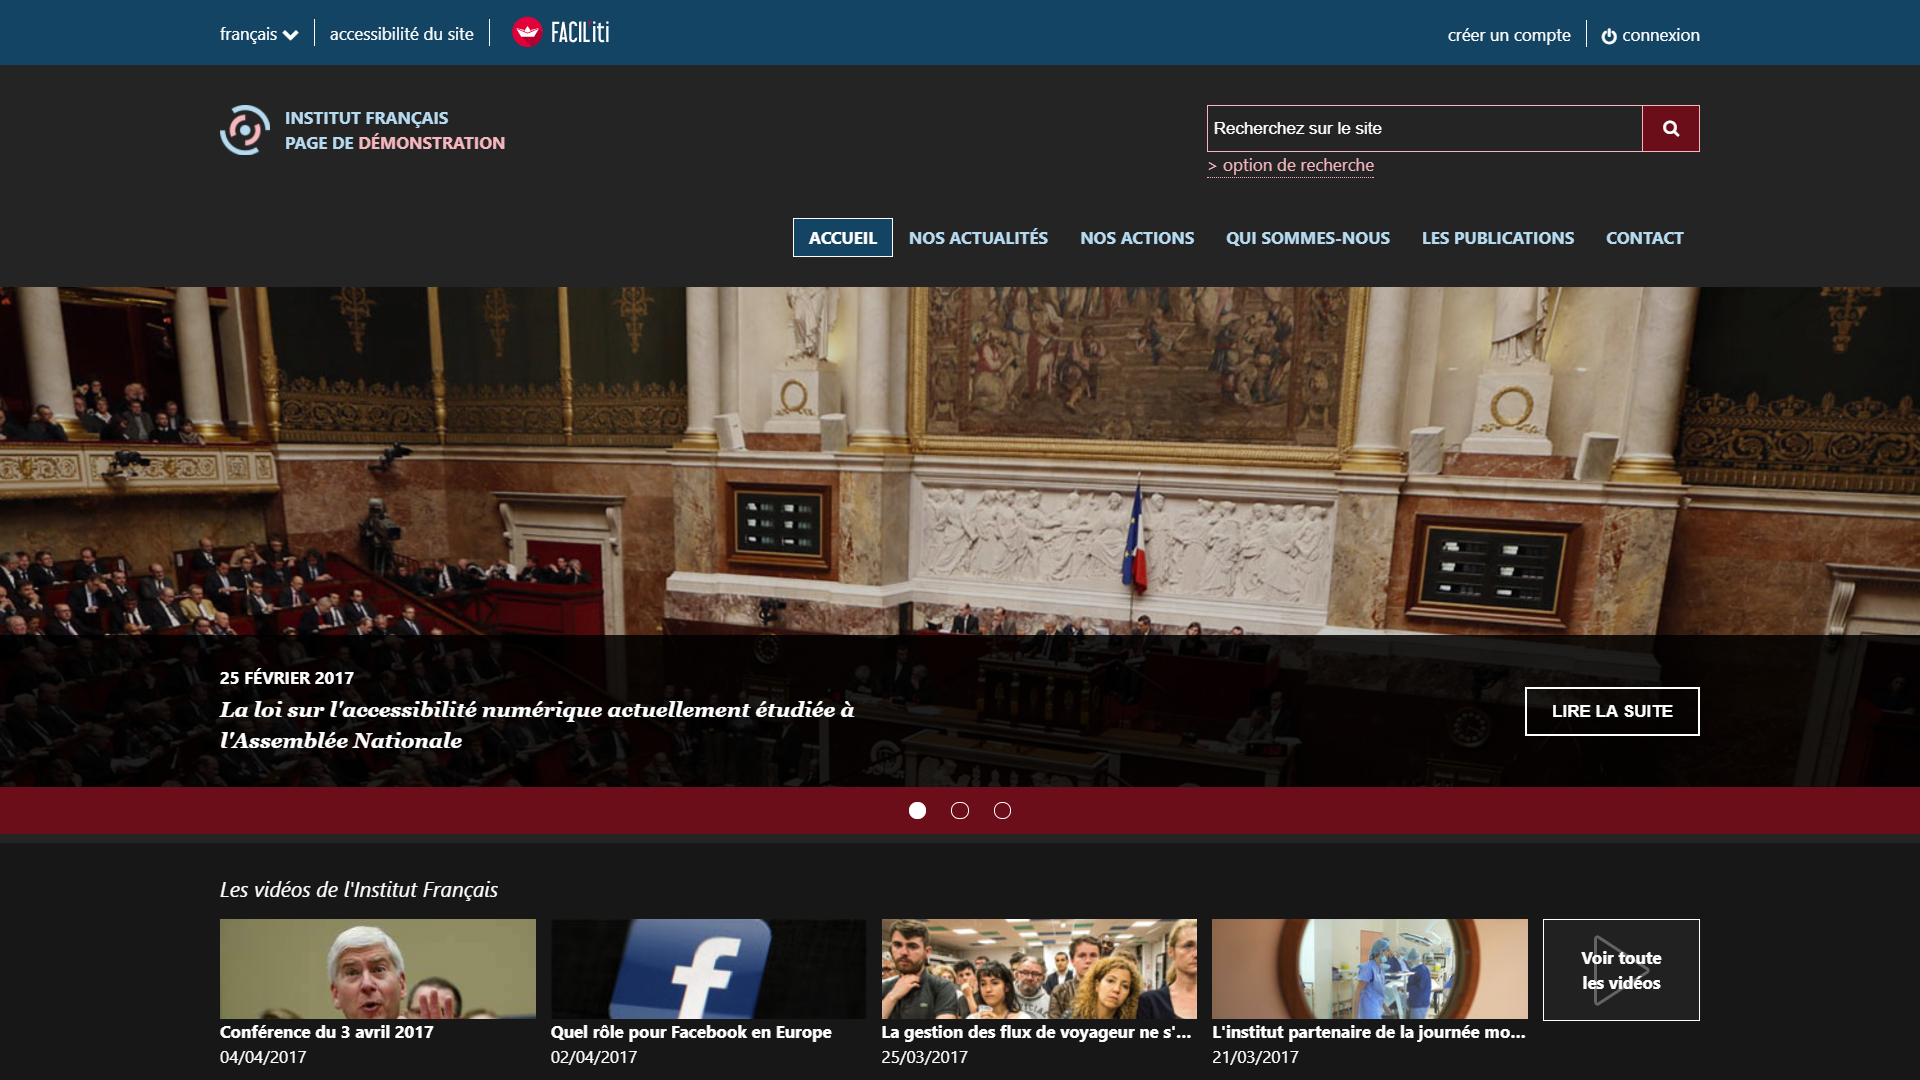 Une page d'accueil d'un site de démonstration avec FACIL'iti activé pour la pathologie Cataracte